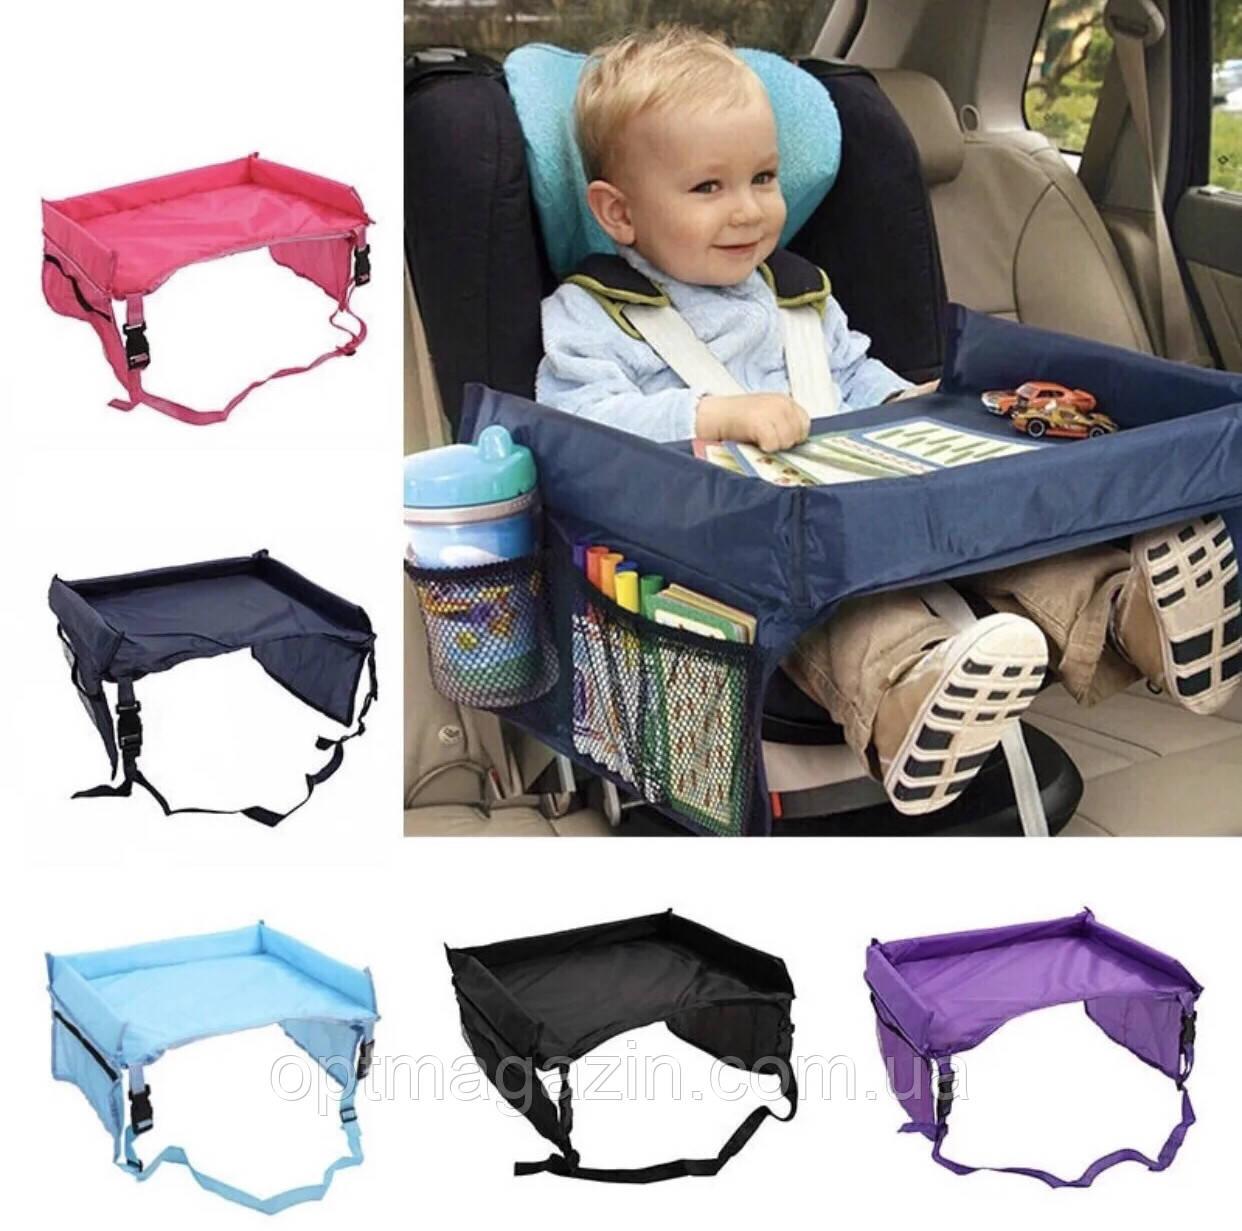 Стіл в авто для дитини Дитячий столик на автокрісло